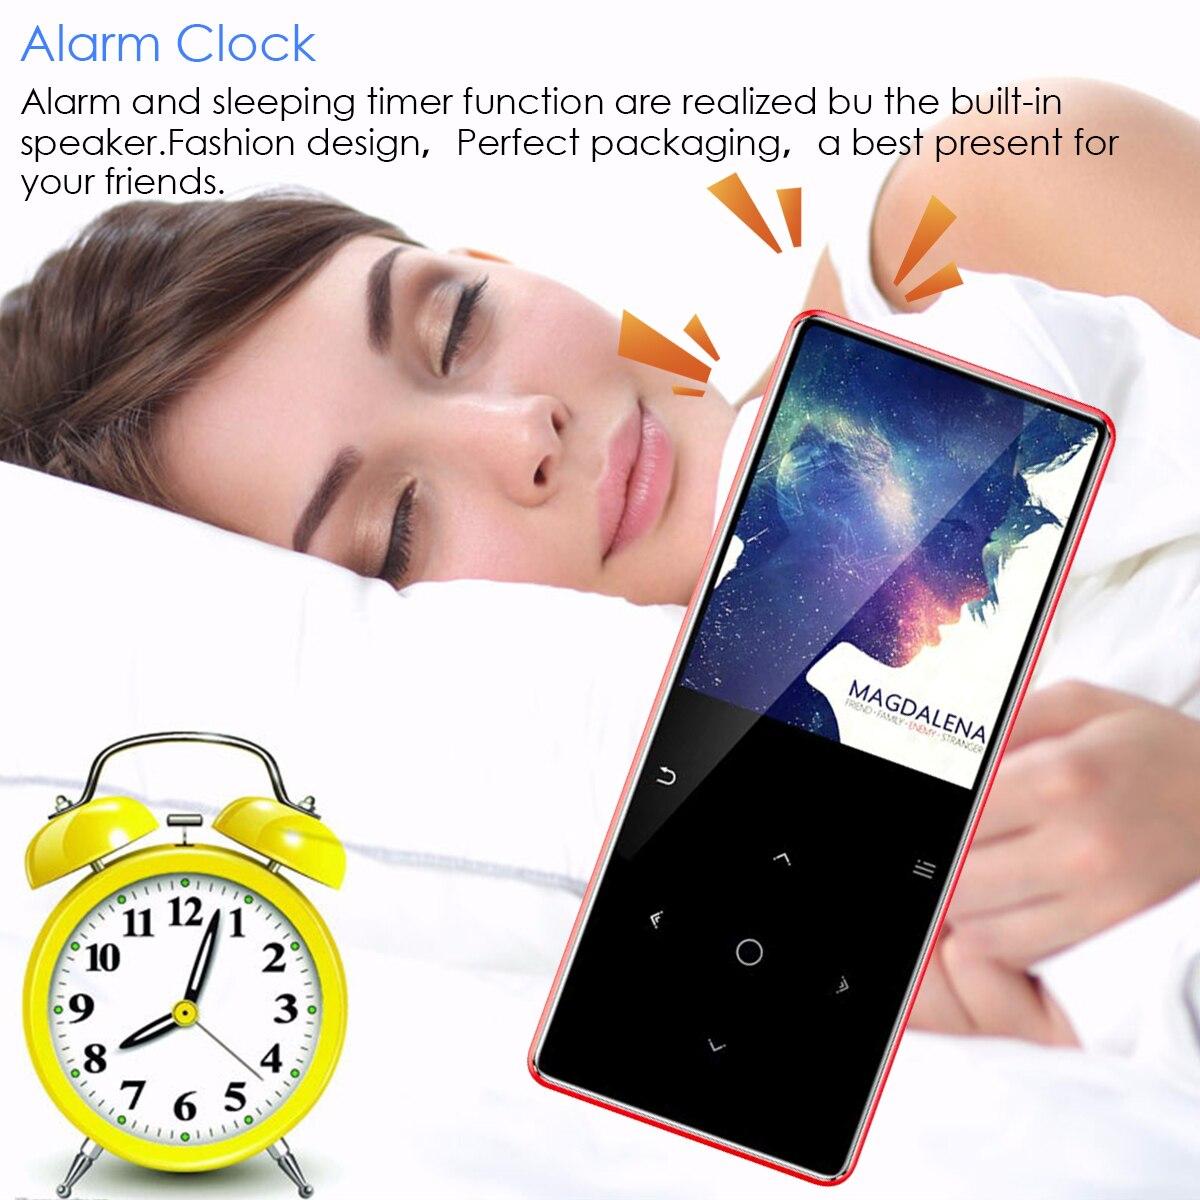 Lecteur MP3 Bluetooth de marque 8 GB lecteur multimédia de musique USB enregistreur vocal FM réveil E-book avec prise en charge casque carte TF - 5